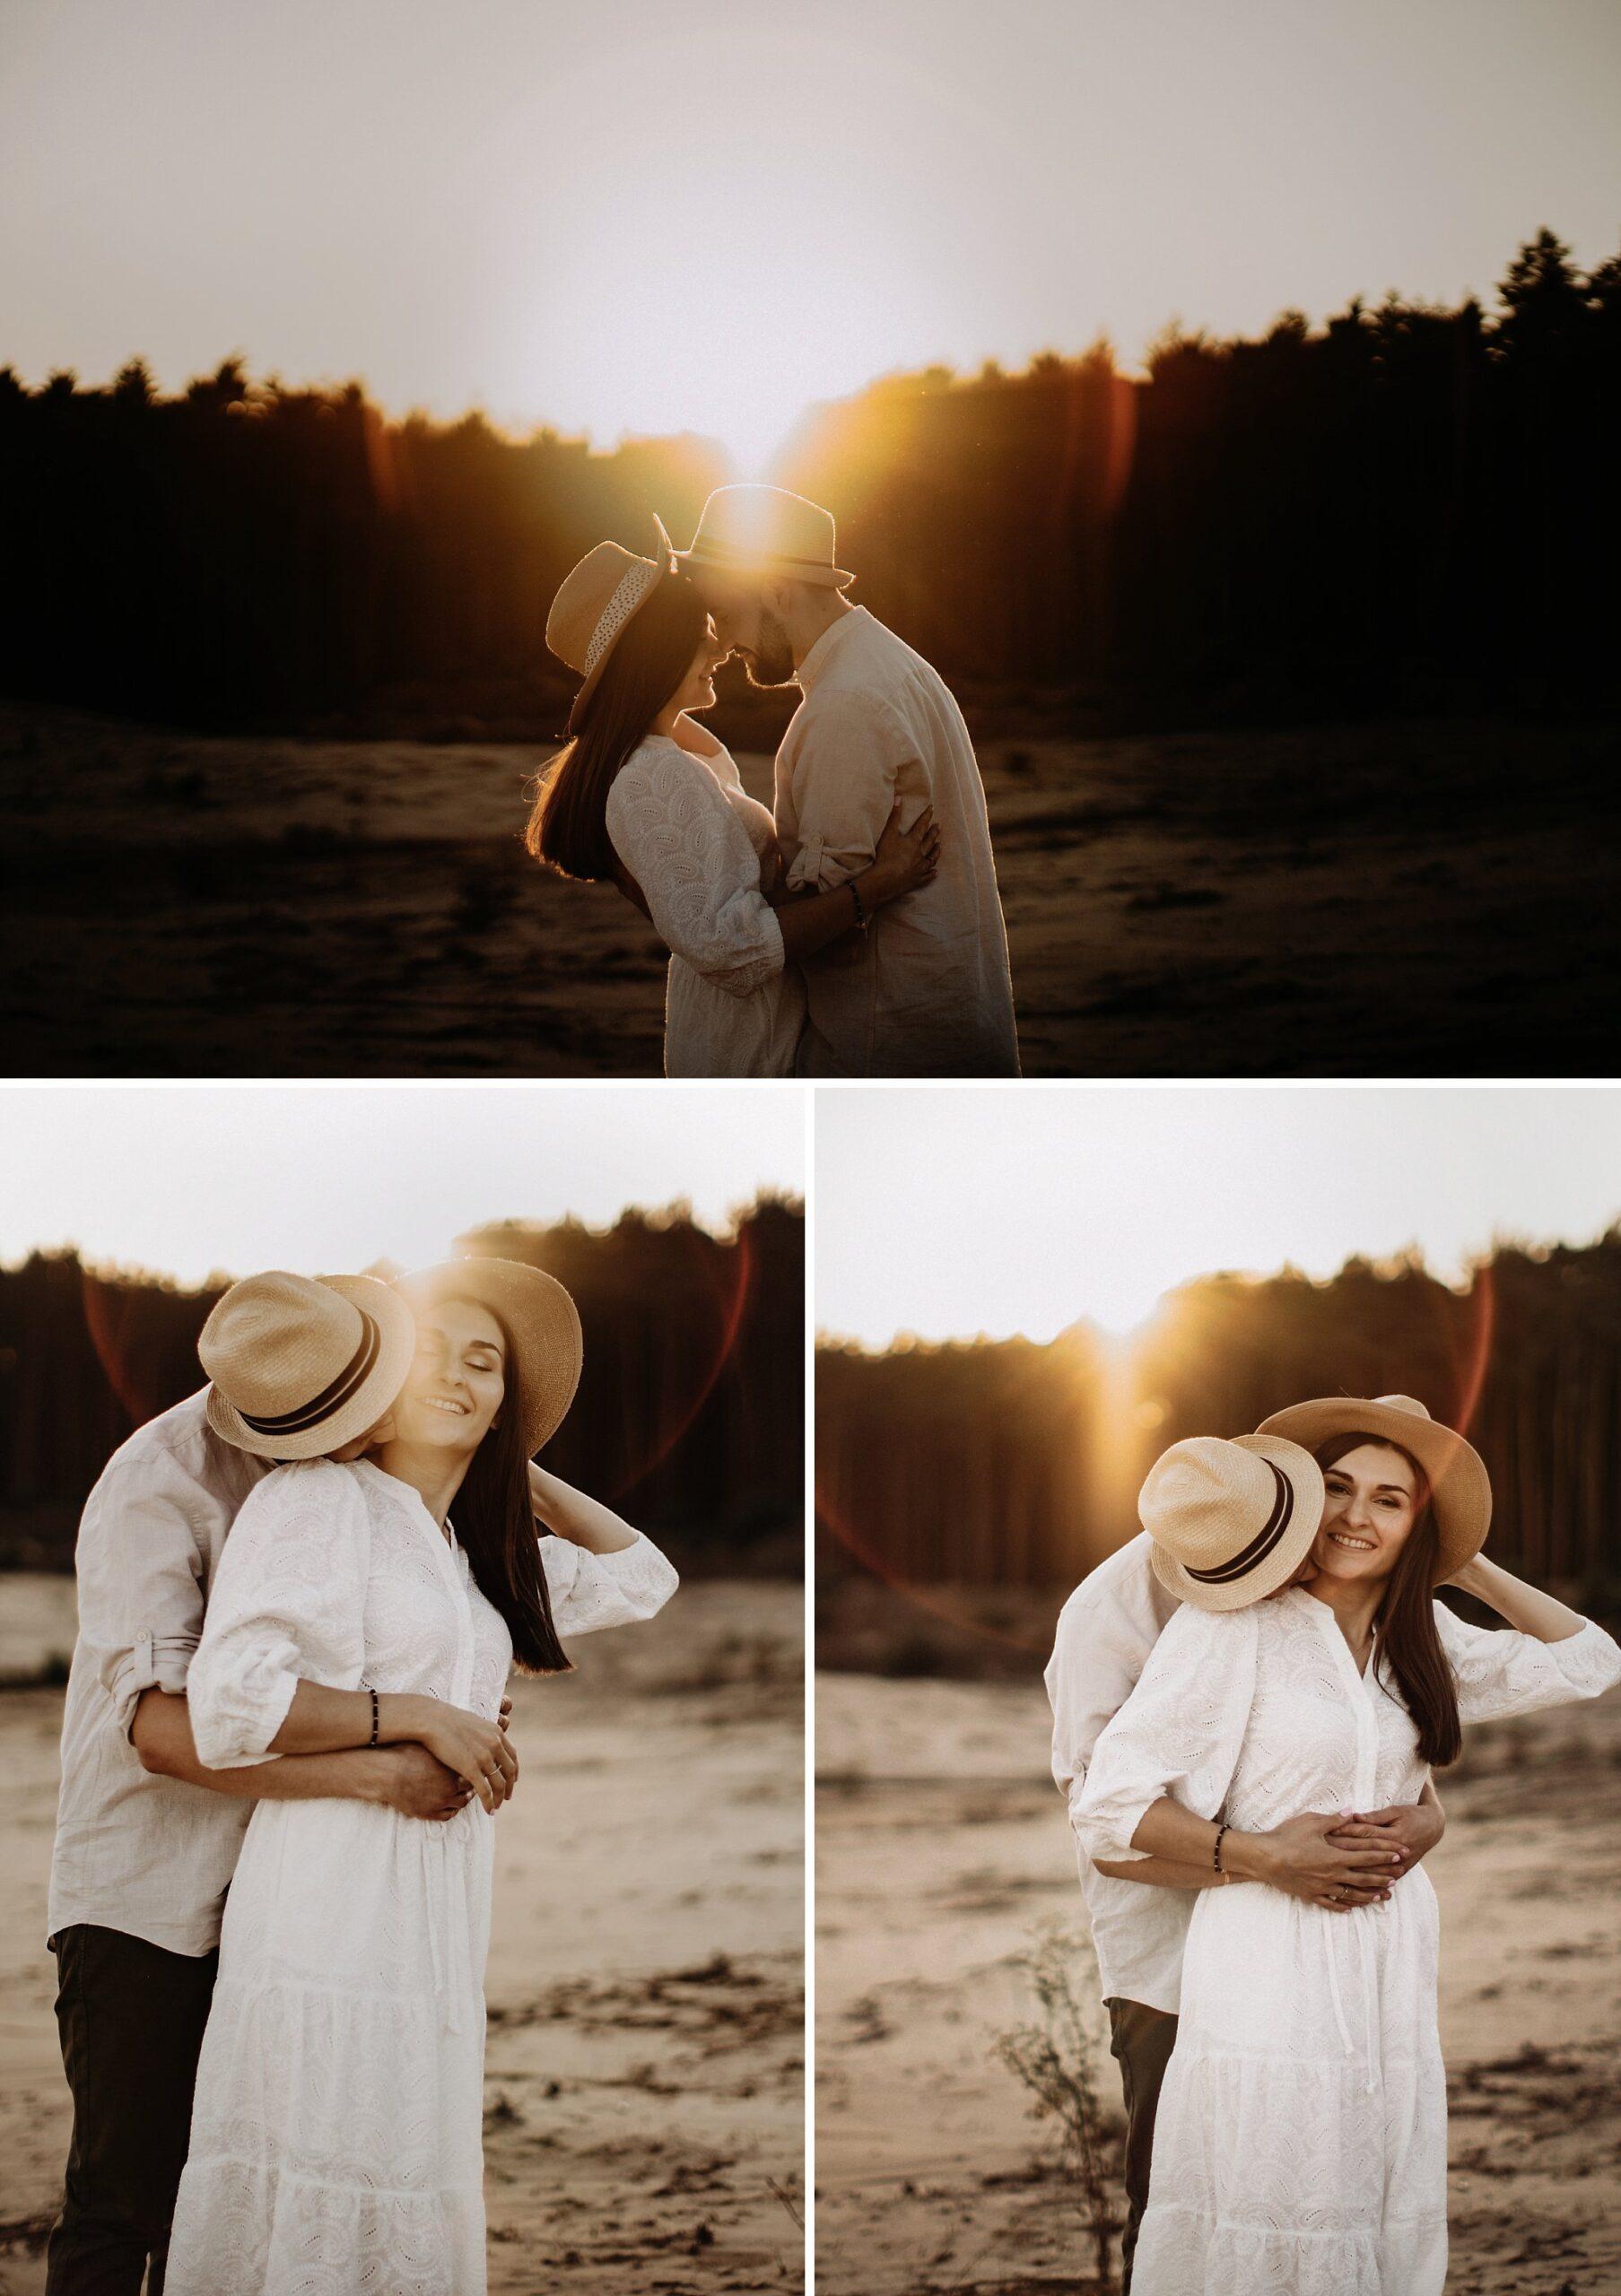 piekna sesja narzeczenska rustykalna romantyczna sesja na pustyni sesja zdjeciowa poznan krugphotography fotograf slubny z poznania fotografia slubna poznan 5500 scaled